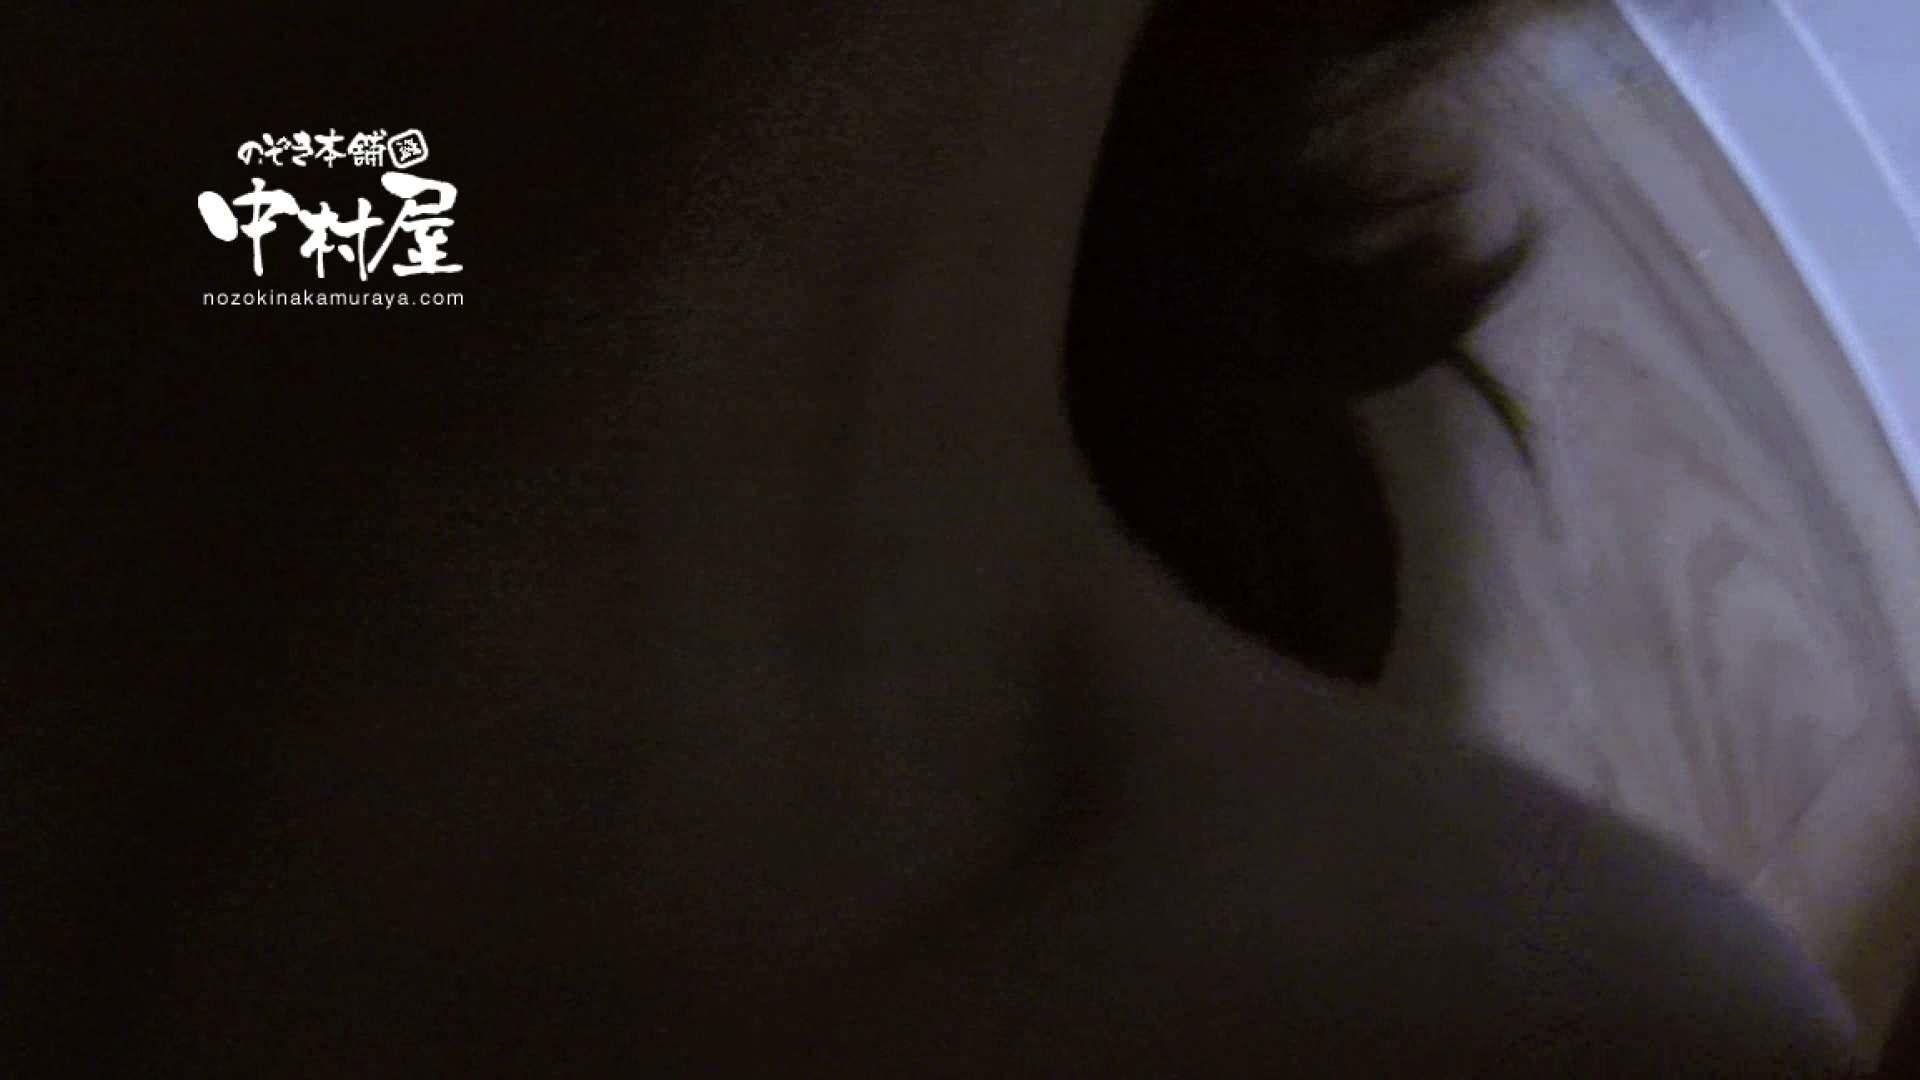 鬼畜 vol.10 あぁ無情…中出しパイパン! 後編 中出し エロ画像 22枚